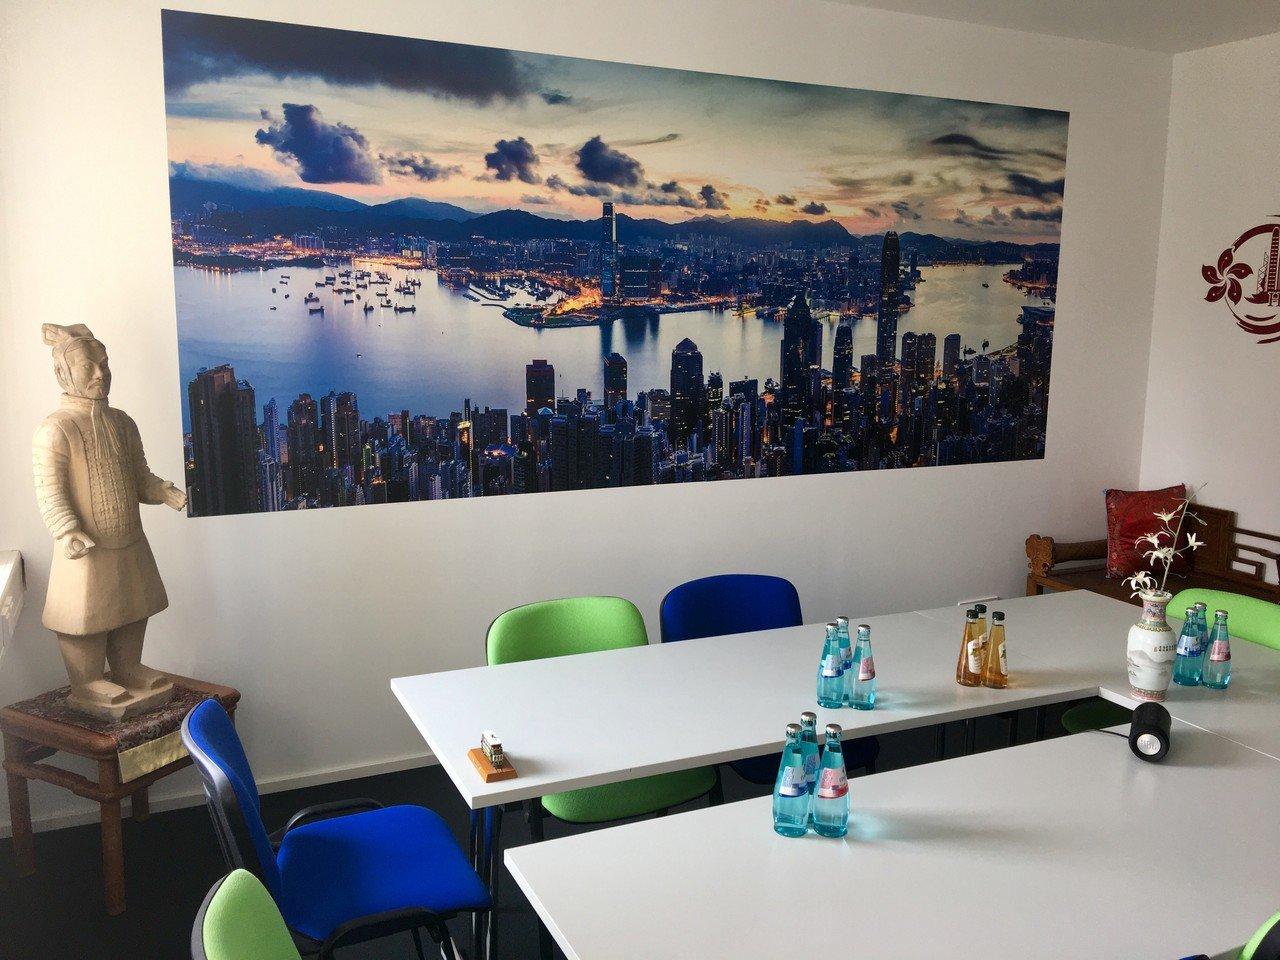 Frankfurt Seminarräume Meeting room Cowork cool-working Darmstadt image 2